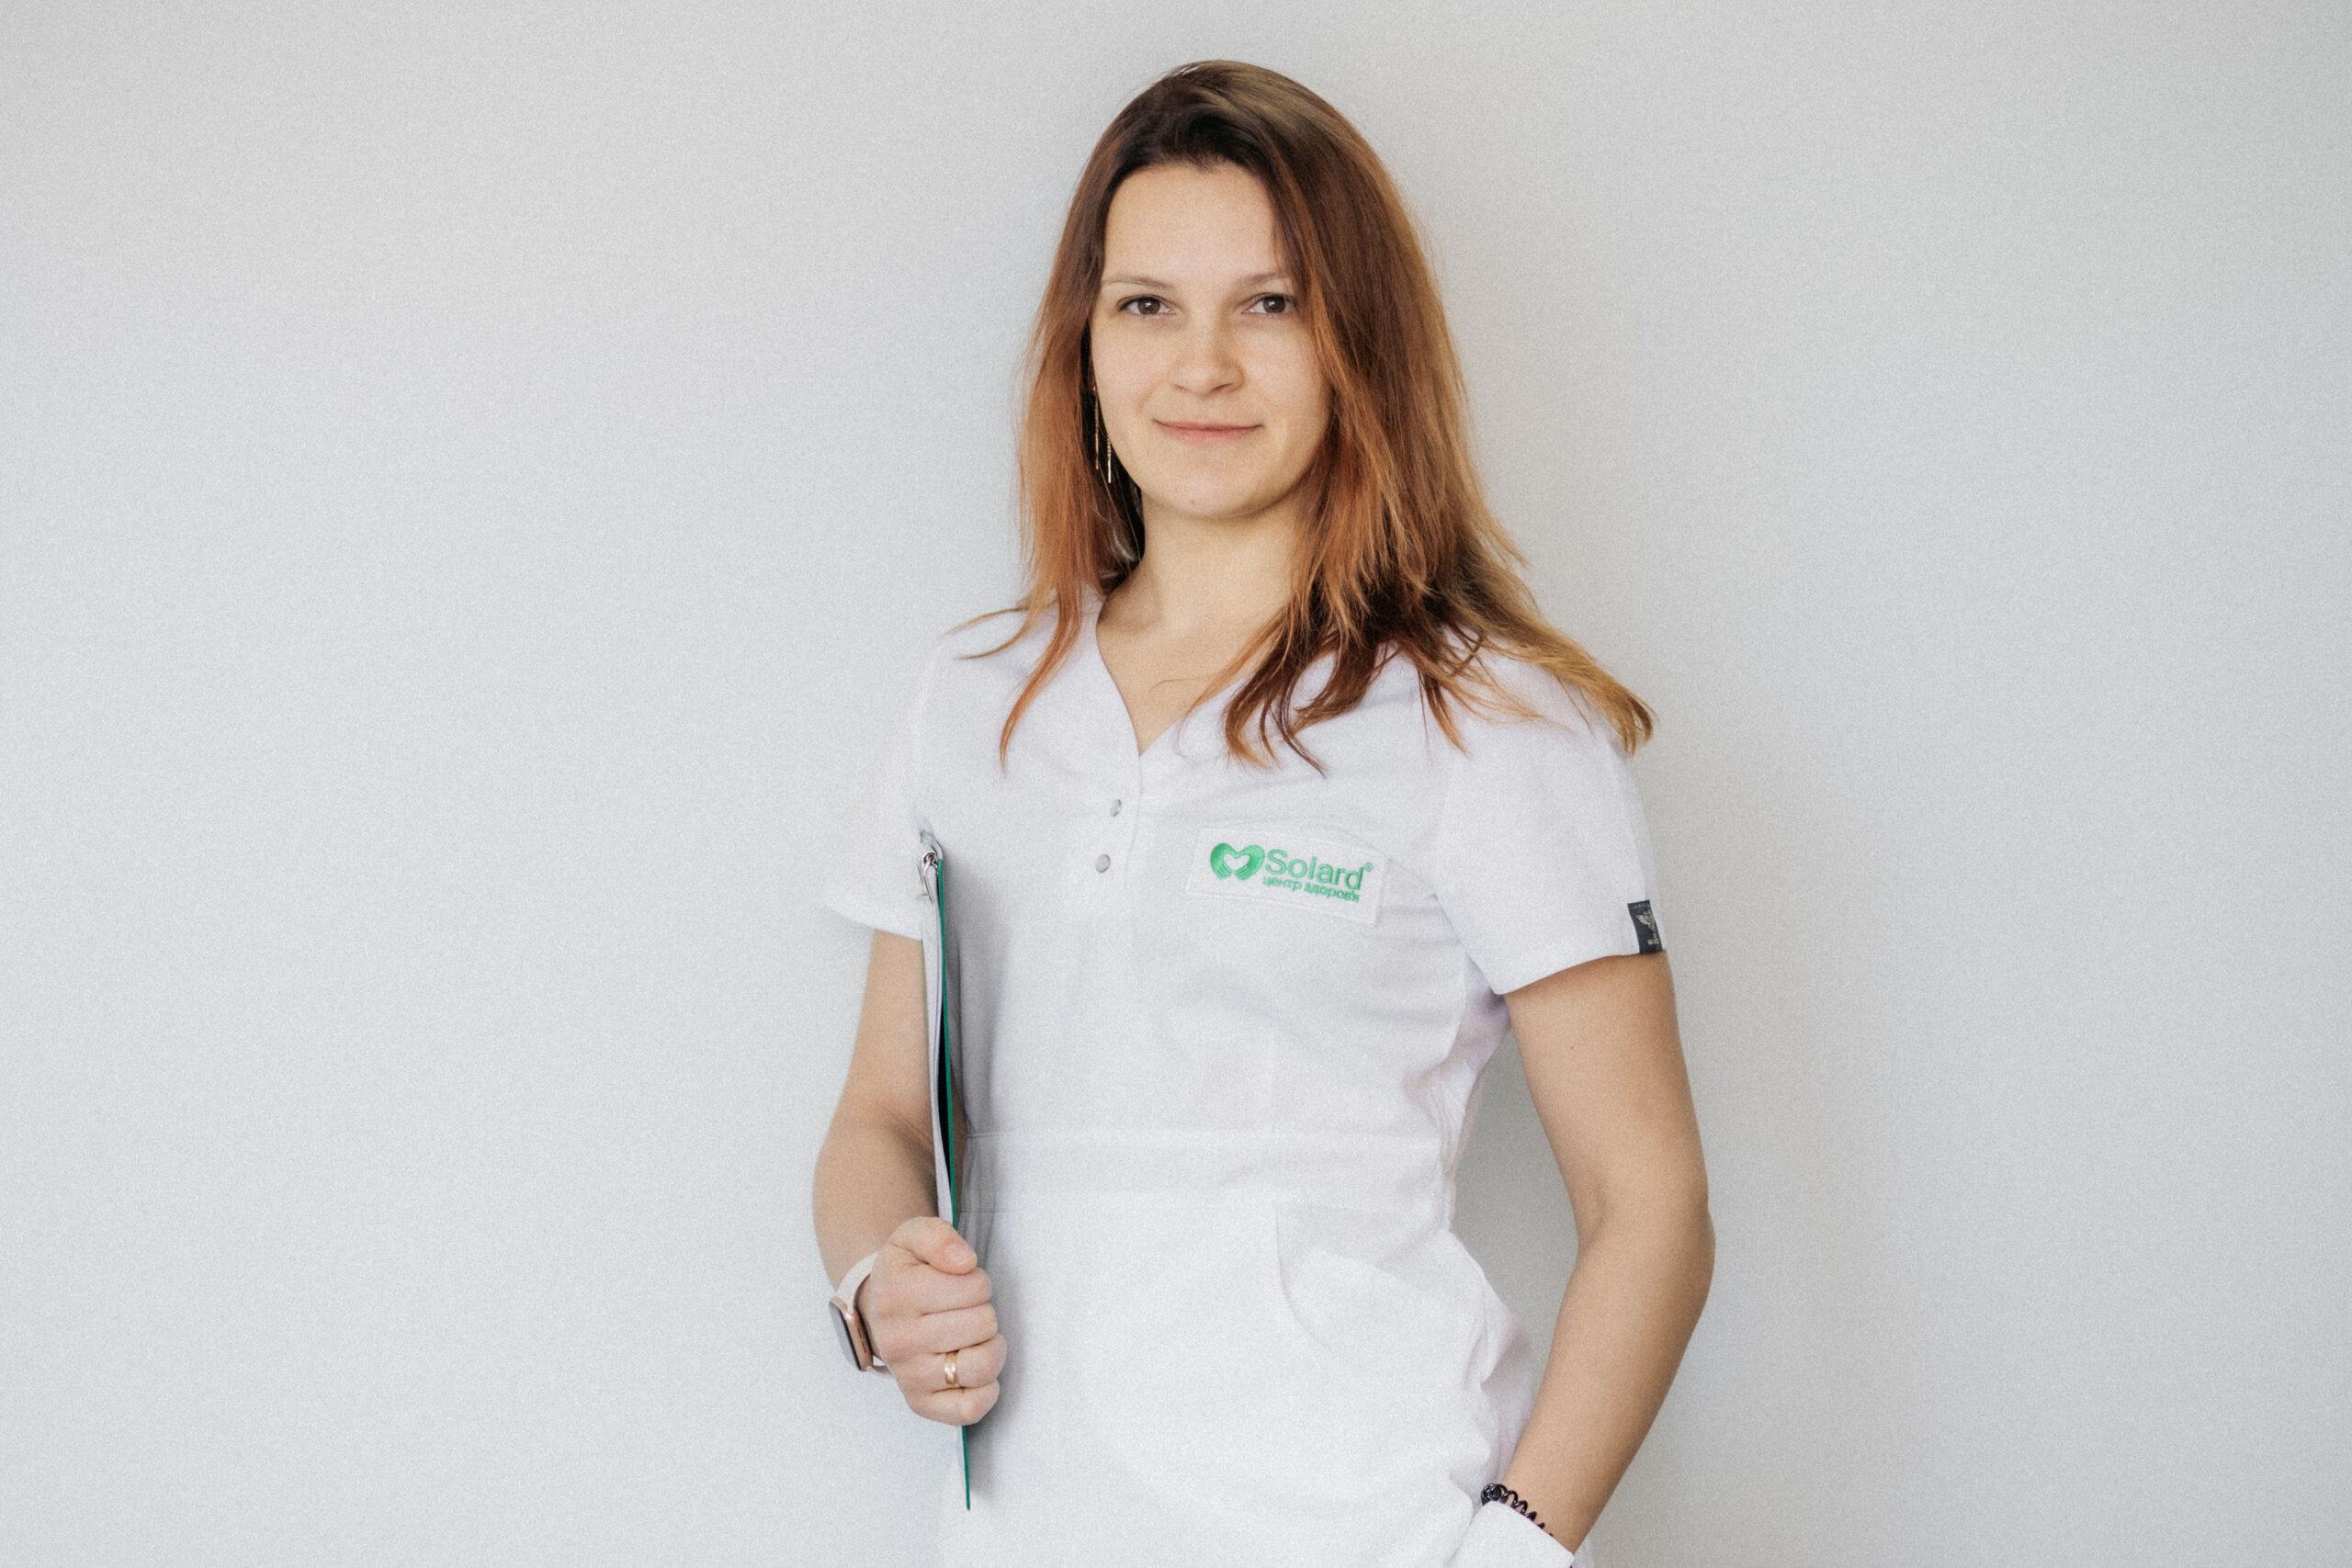 Центр здоров'я Solard - Оганова Людмила Юріївна - 1